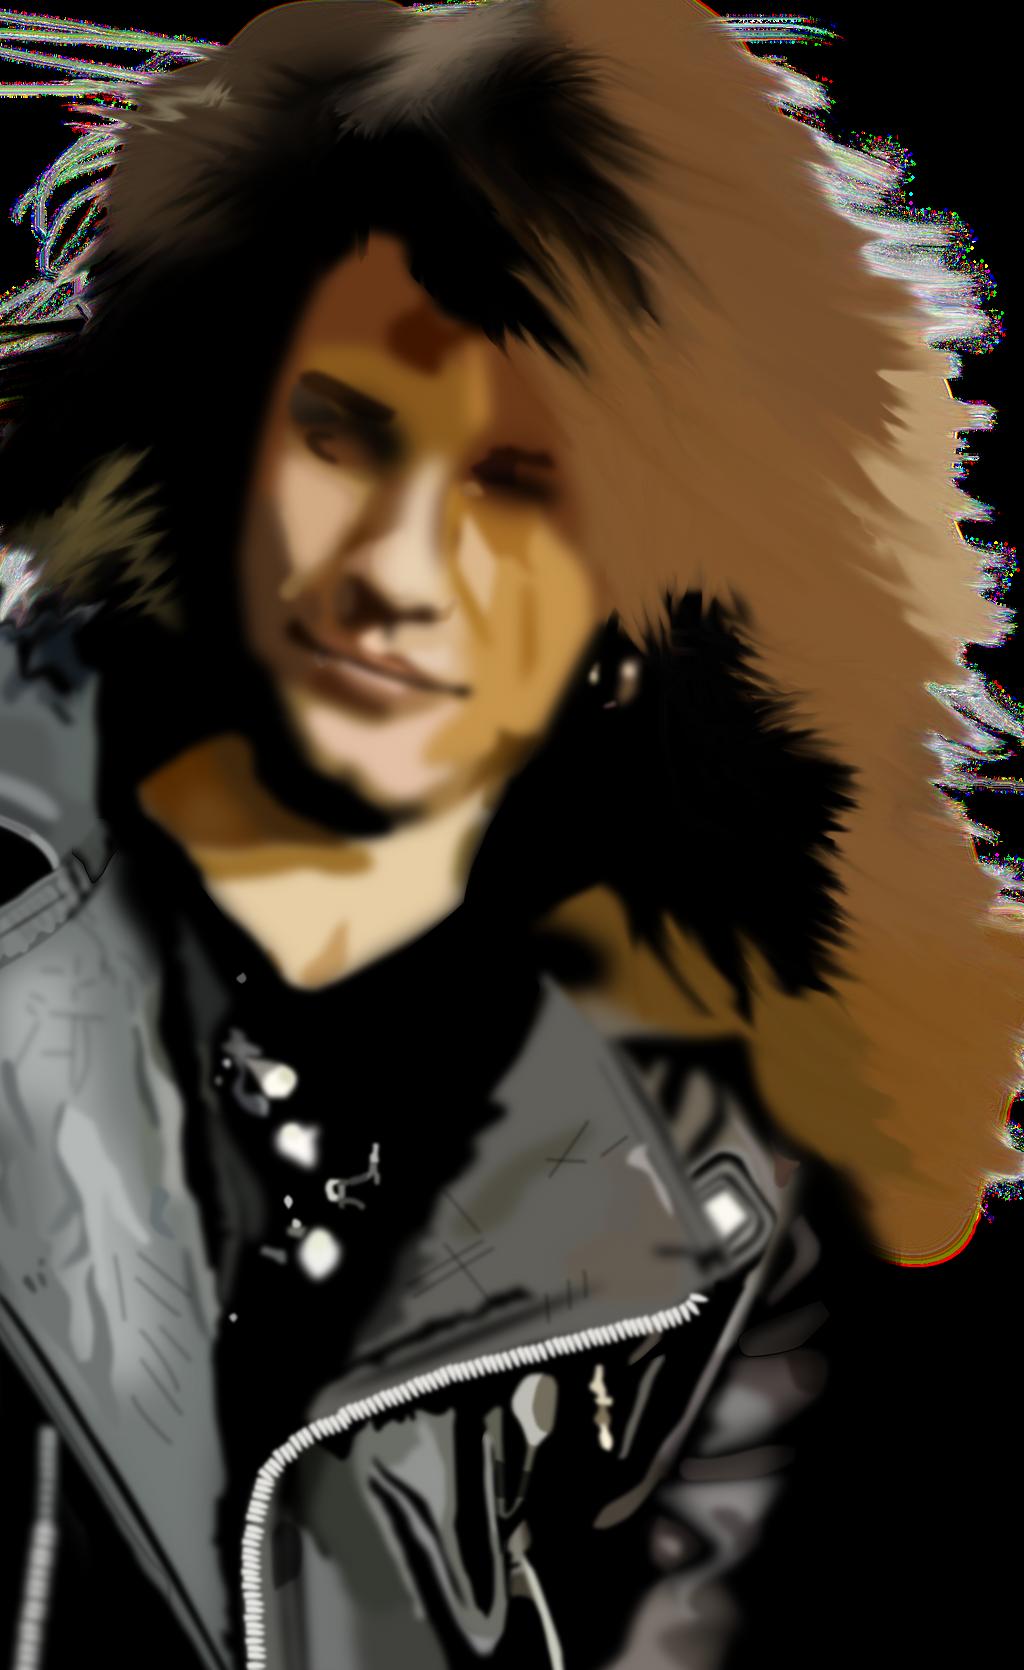 Jon Bongiovi [ Bon Jovi ] by denzior - jon_bongiovi___bon_jovi___by_denzior-d8o06ht